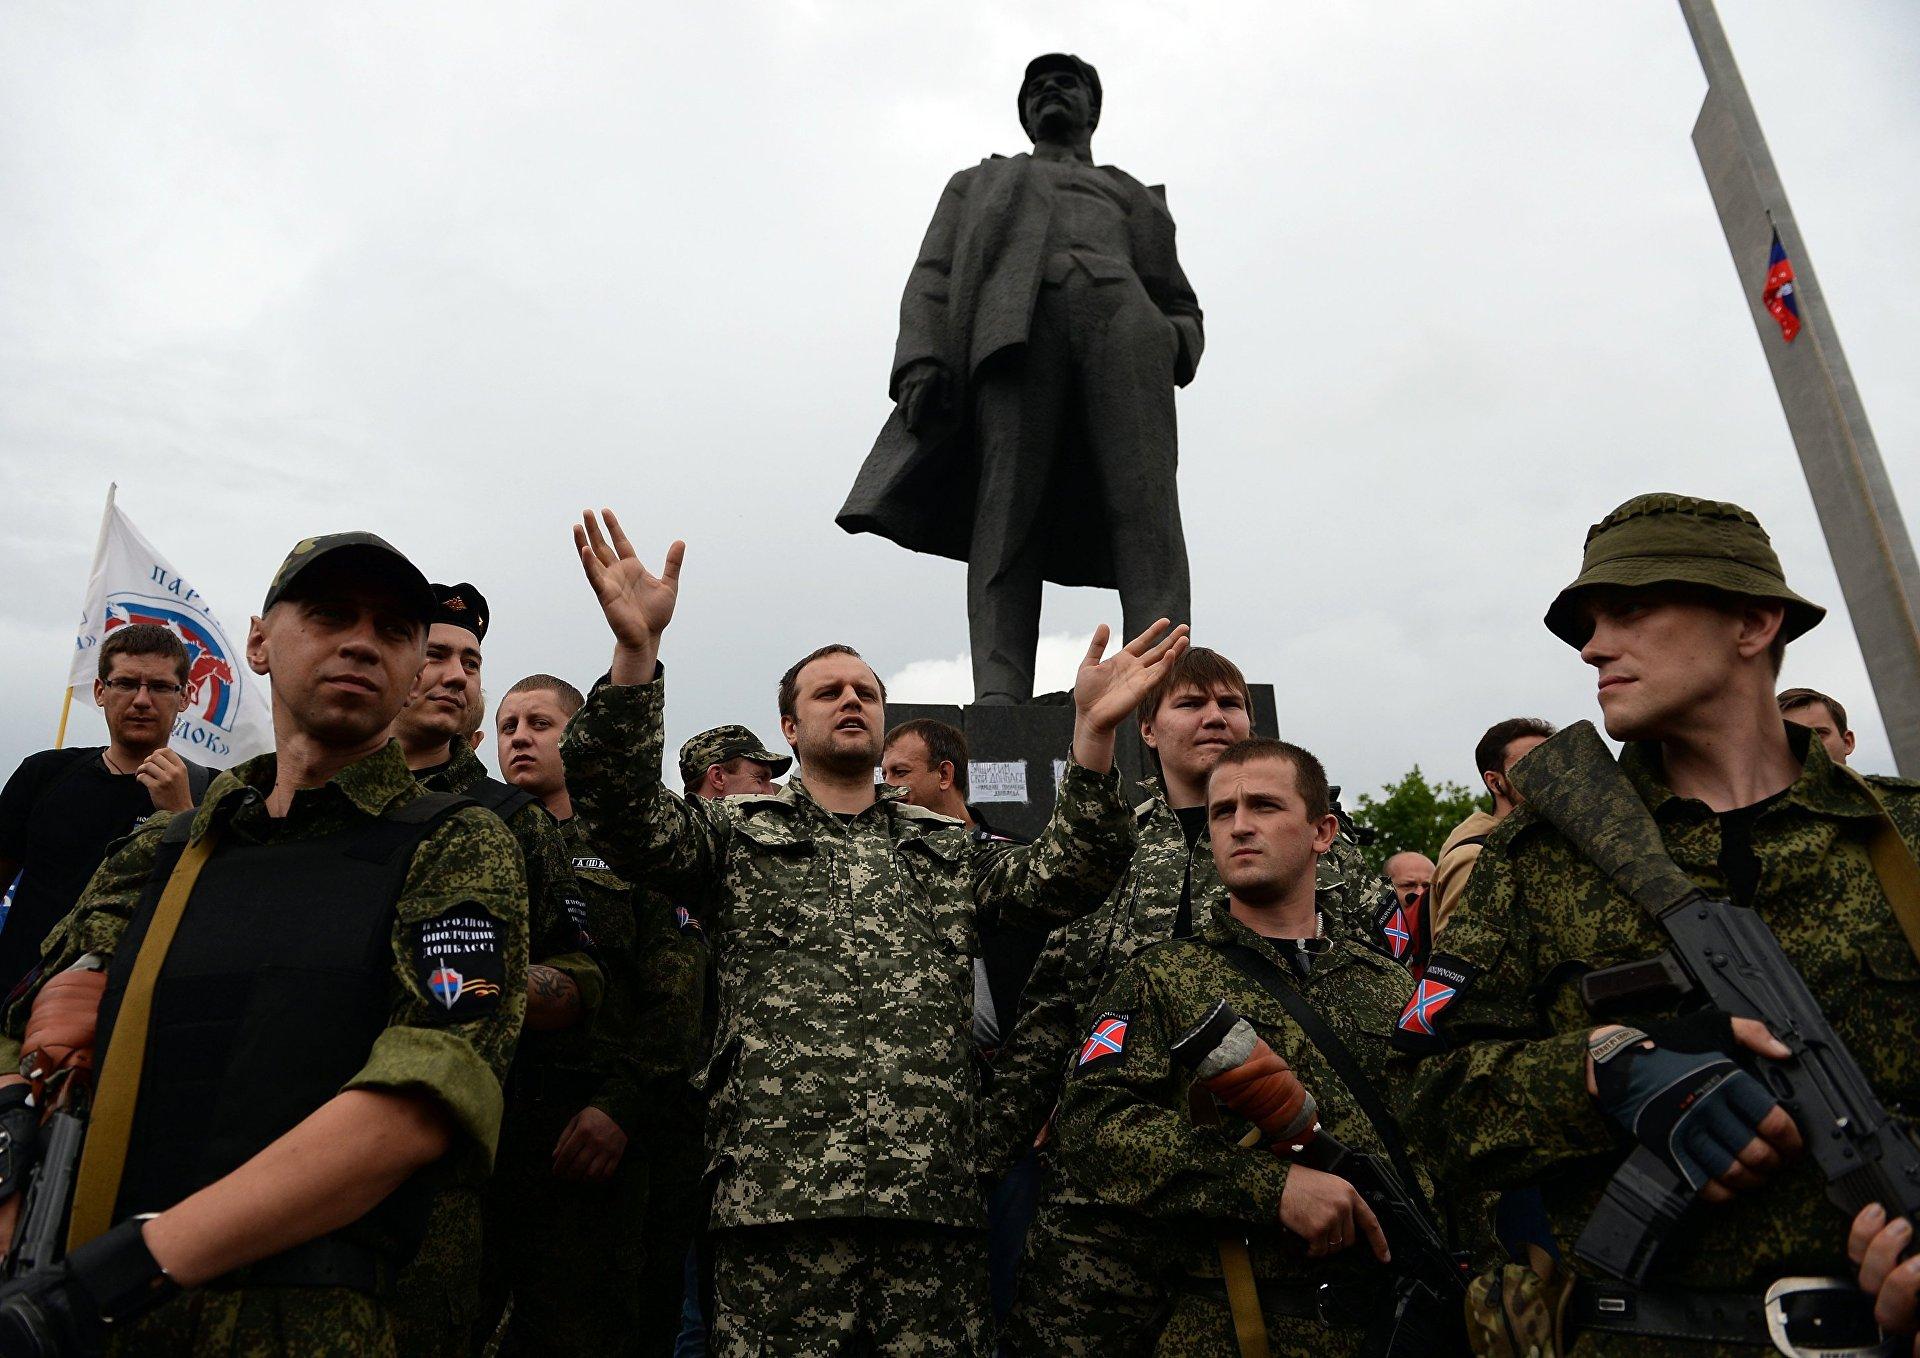 Извинились, но не исправили: Deutsche Welle и украинский МИД поспорили о гражданской войне в Донбассе